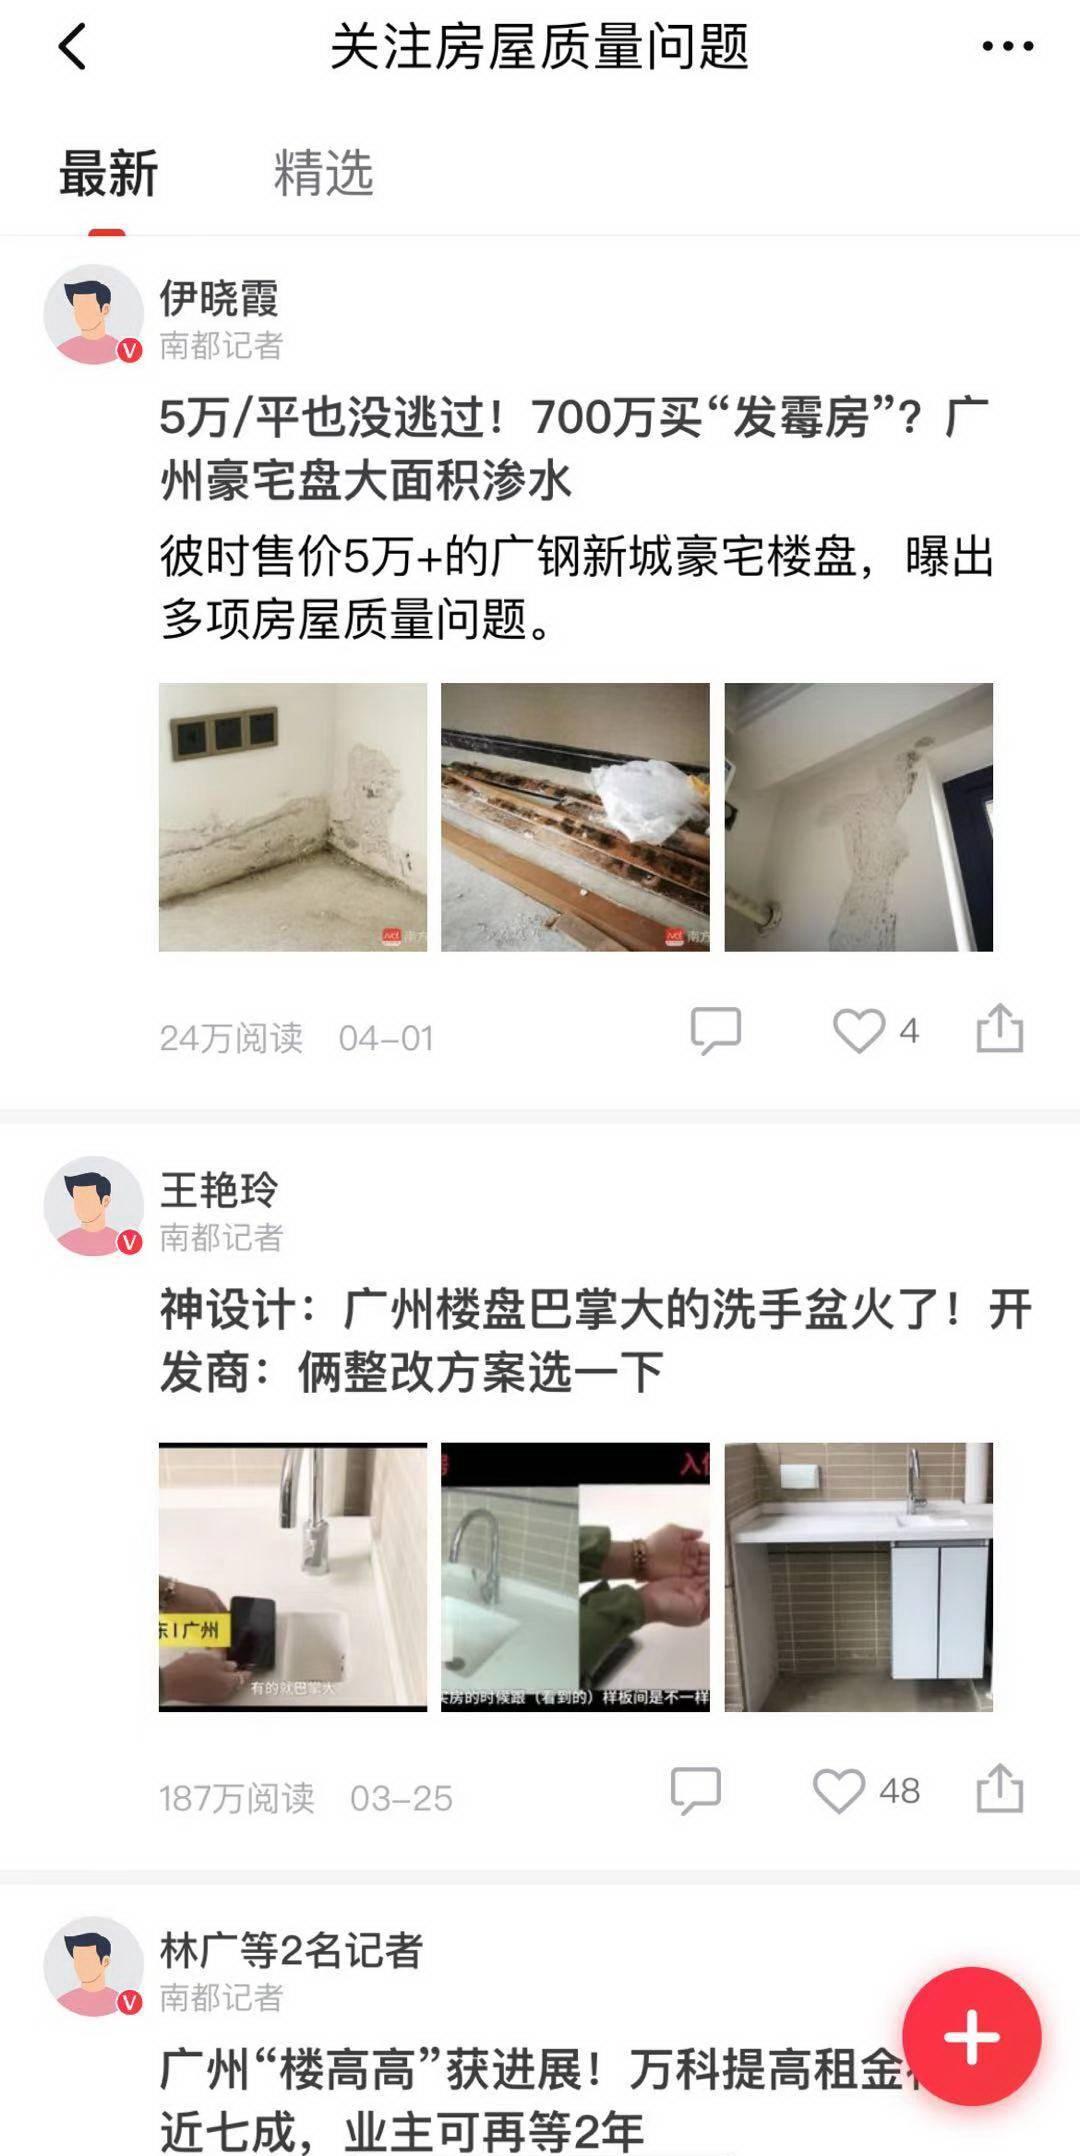 """重拳打向开发商!广州新规:新房没有""""质量合格证""""不准交楼"""